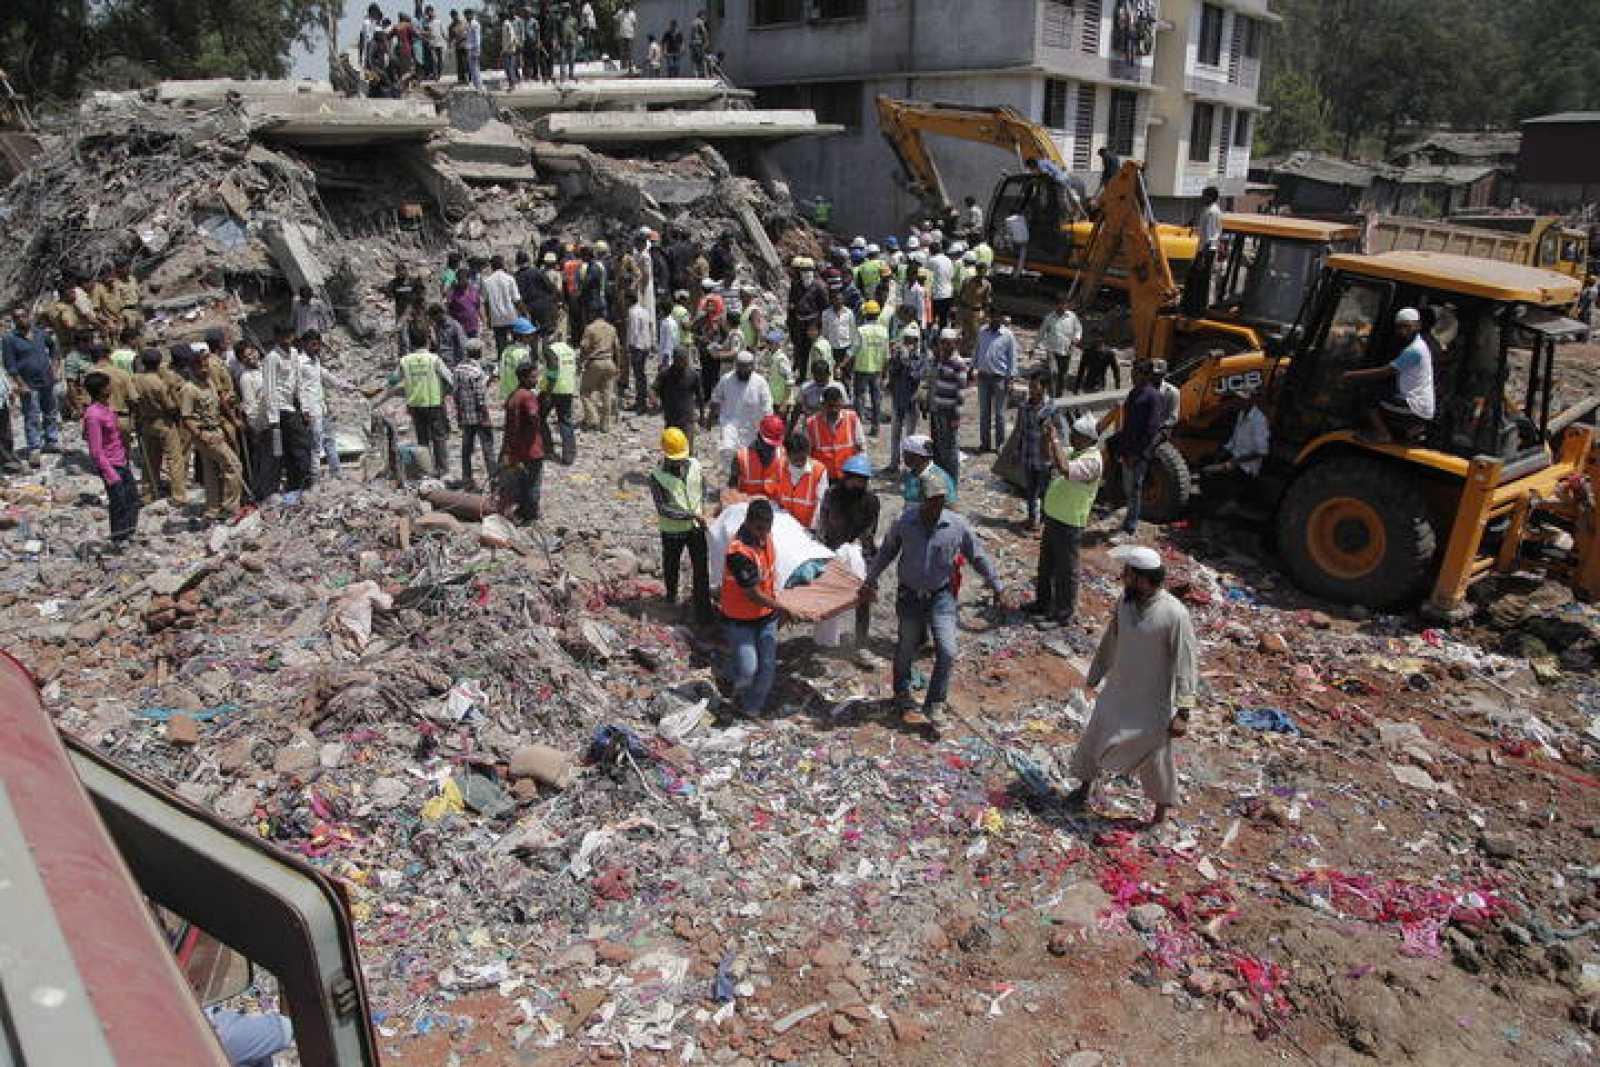 Miembros de los servicios de emergencia transportan el cadáver de una de las víctimas tras derrumbarse un inmueble de construcción ilegal en la localidad de Thane, próxima a Bombay.